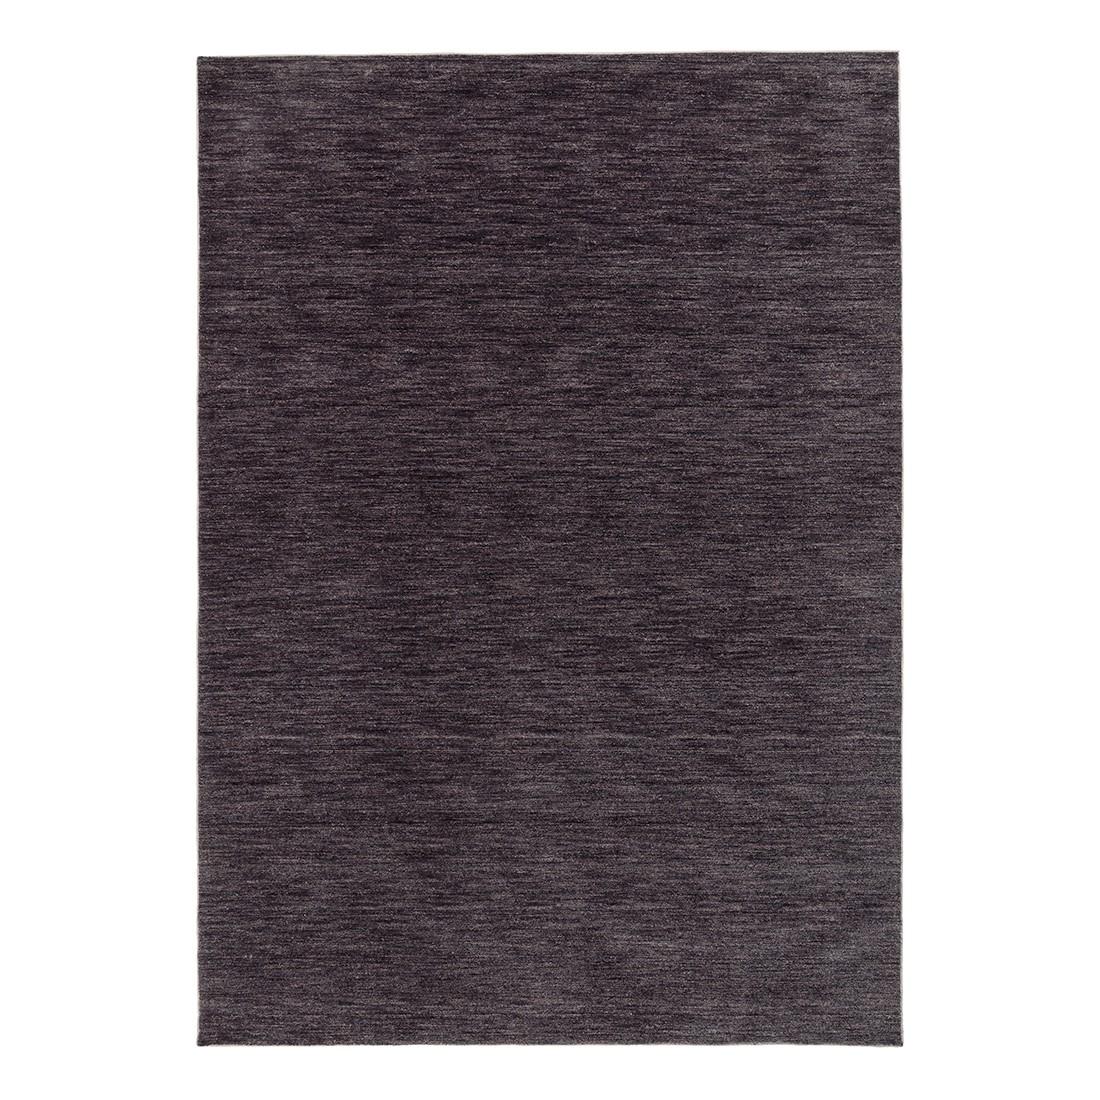 Teppich Shivaz - Grau - 170 x 240 cm, Schöner Wohnen Kollektion